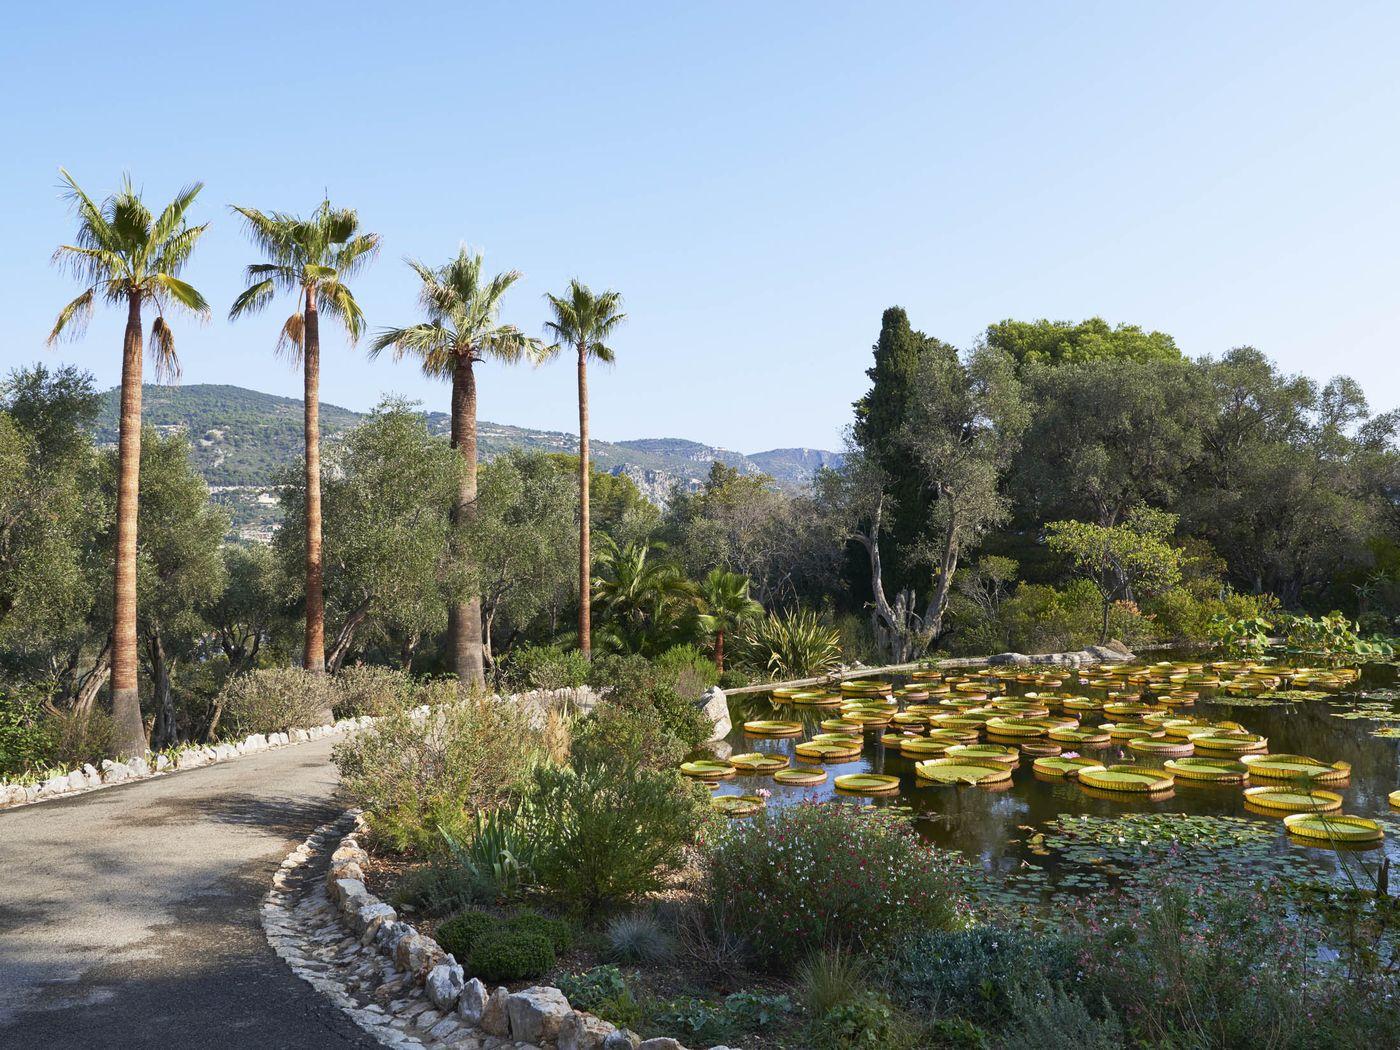 Hồ nước nằm trong khu vườn thực vật nhìn ra biển Địa Trung Hải tại Villa Les Cedres.